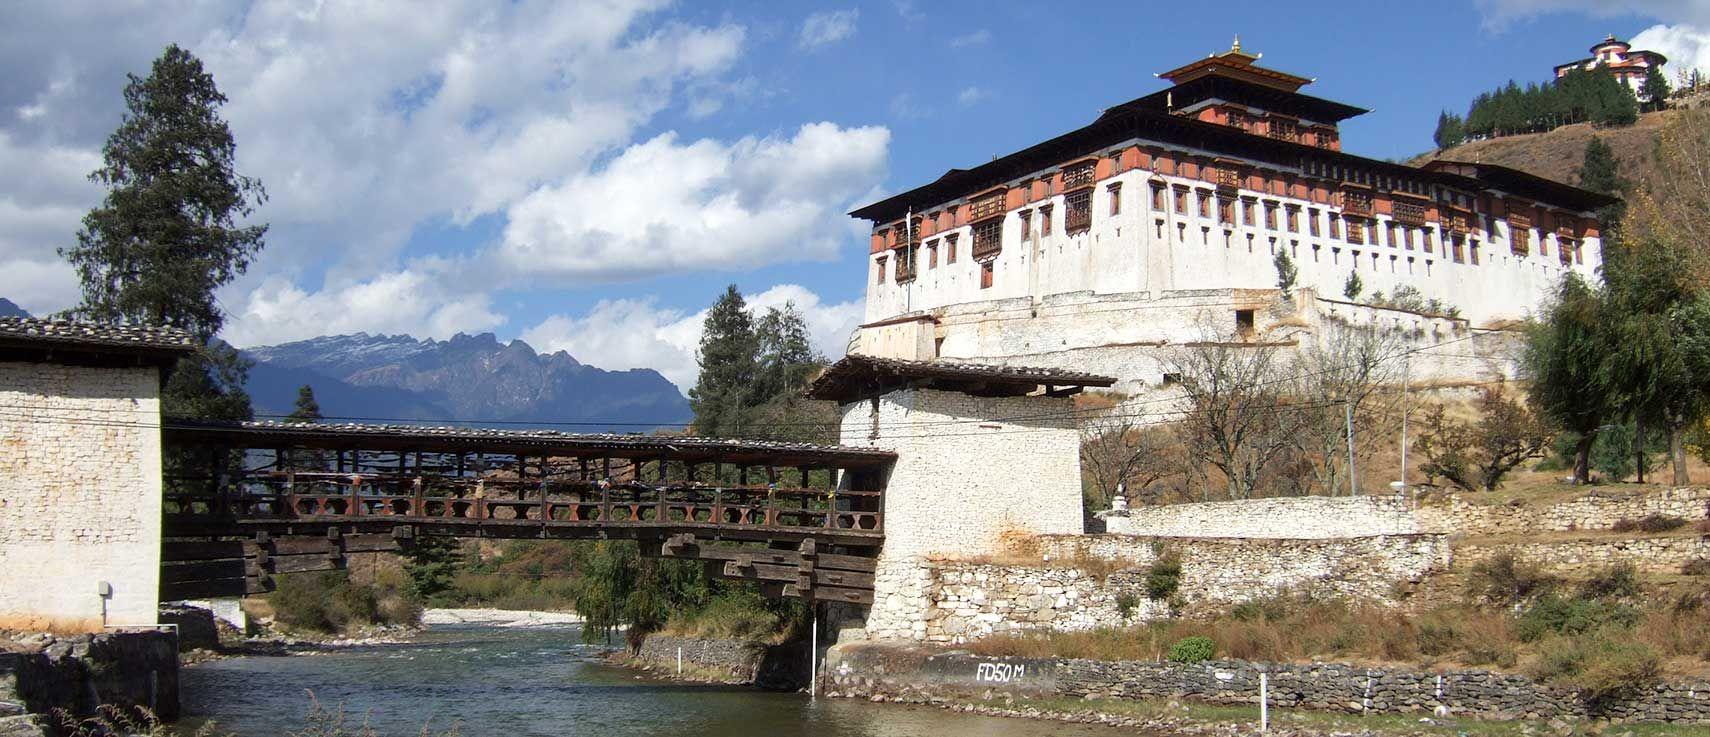 Rinpung Dzong monastery, Bhutan Bhutan travel, Bhutan